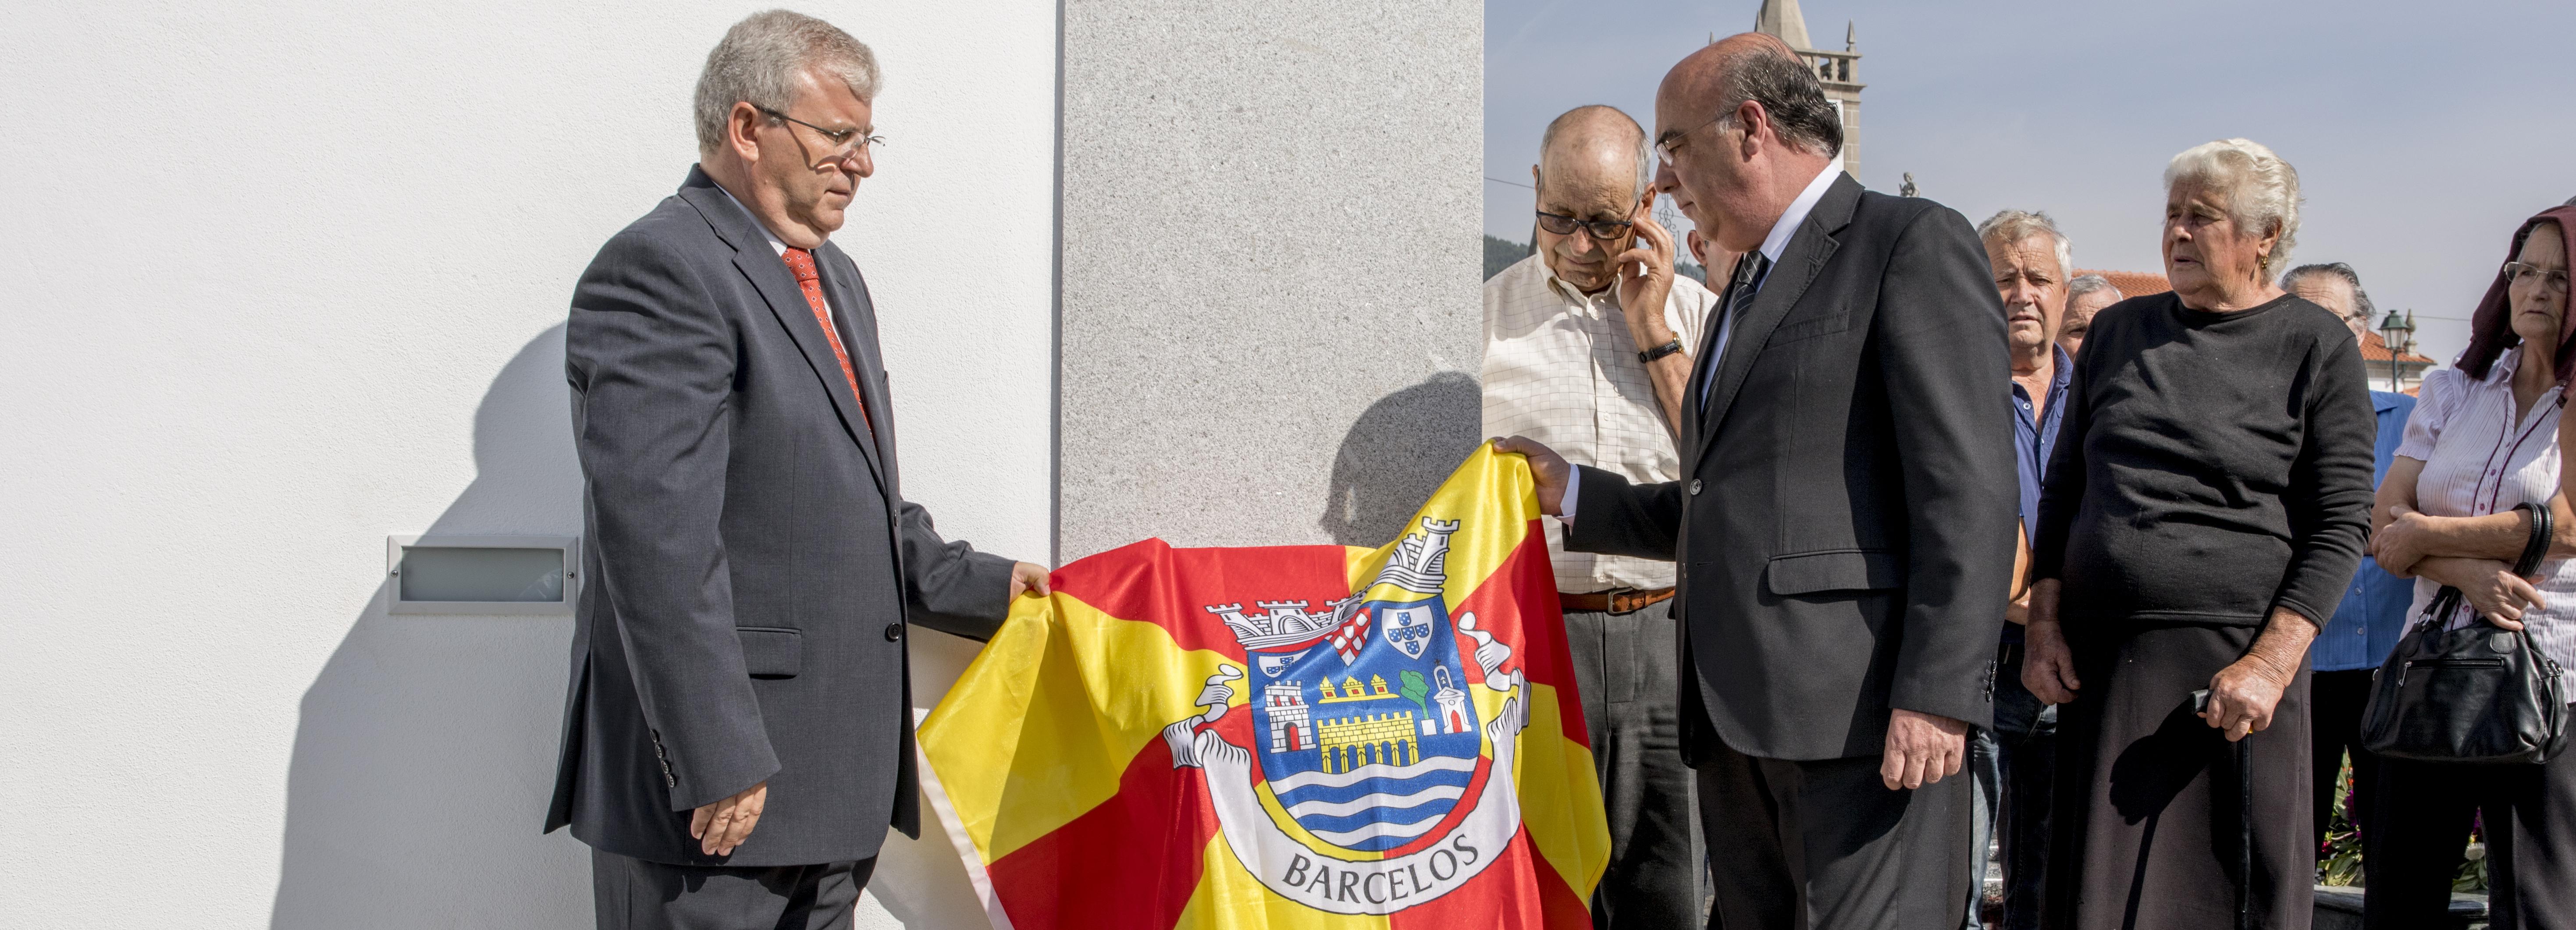 Presidente da Câmara inaugurou ampliação do cemitério de Tamel Santa Leocádia